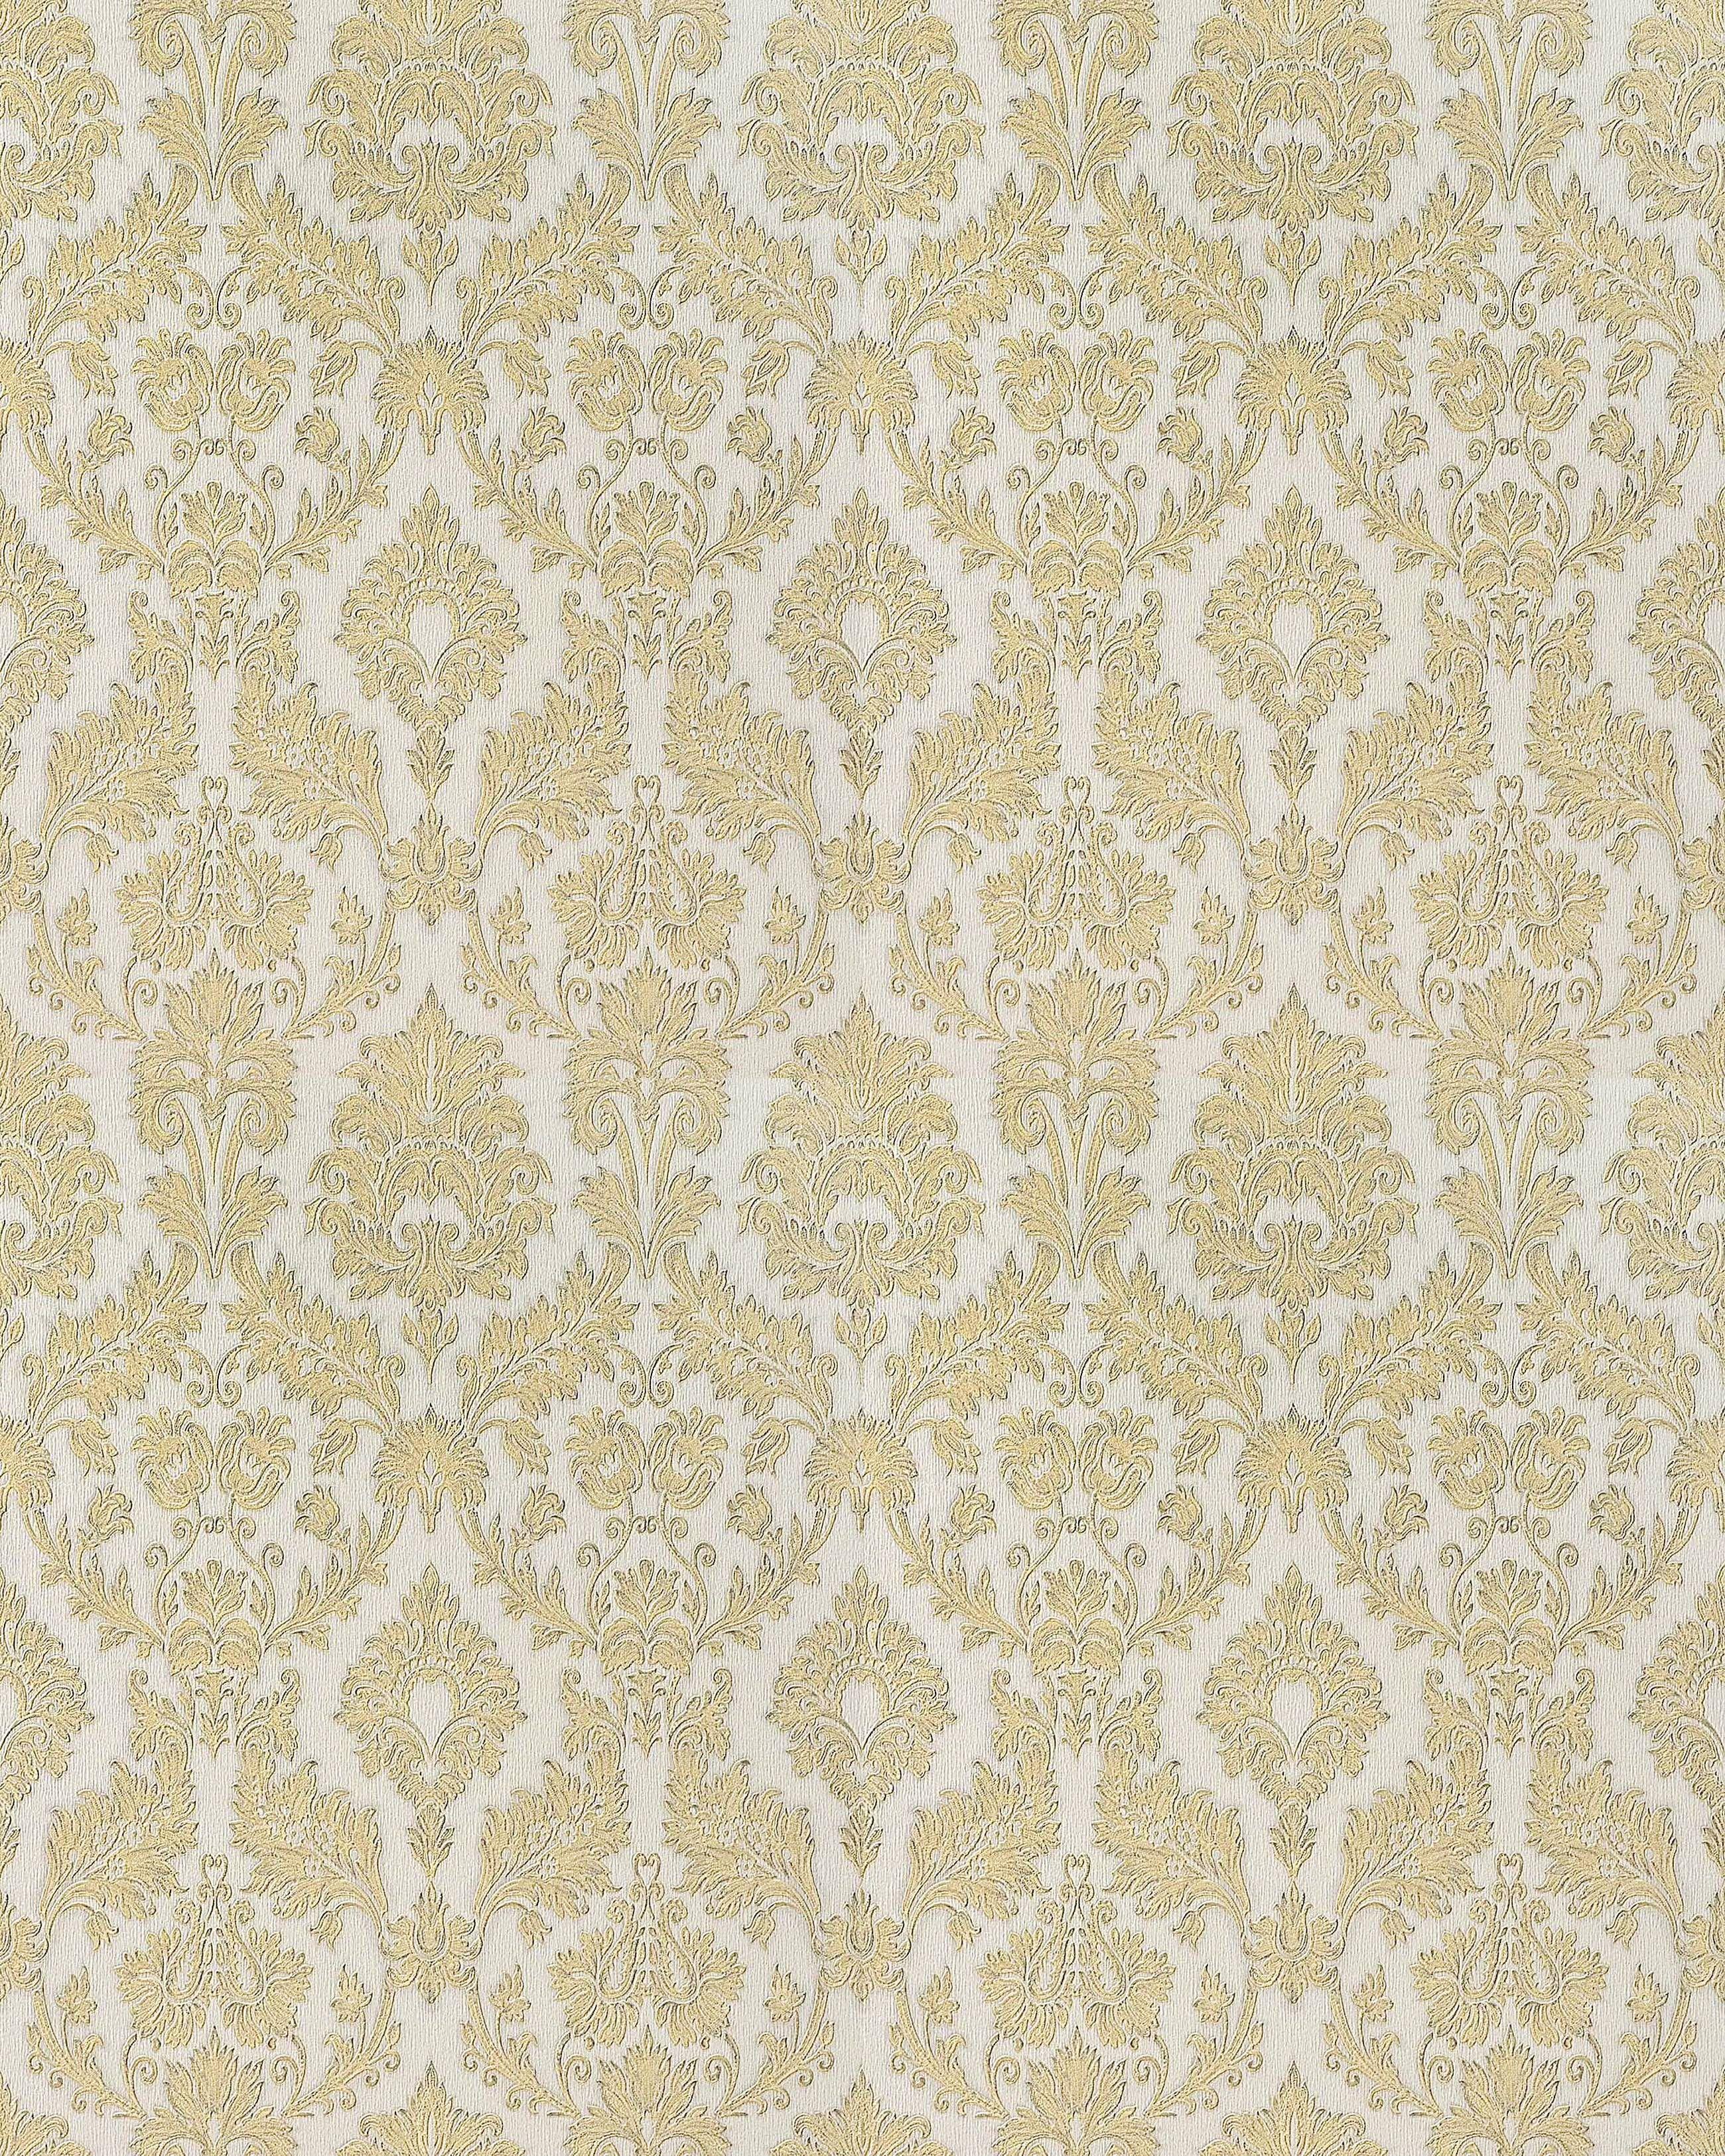 Papier Peint Style Baroque EDEM 708 30 De Couleur Champagne Or Platine Blanc Opale